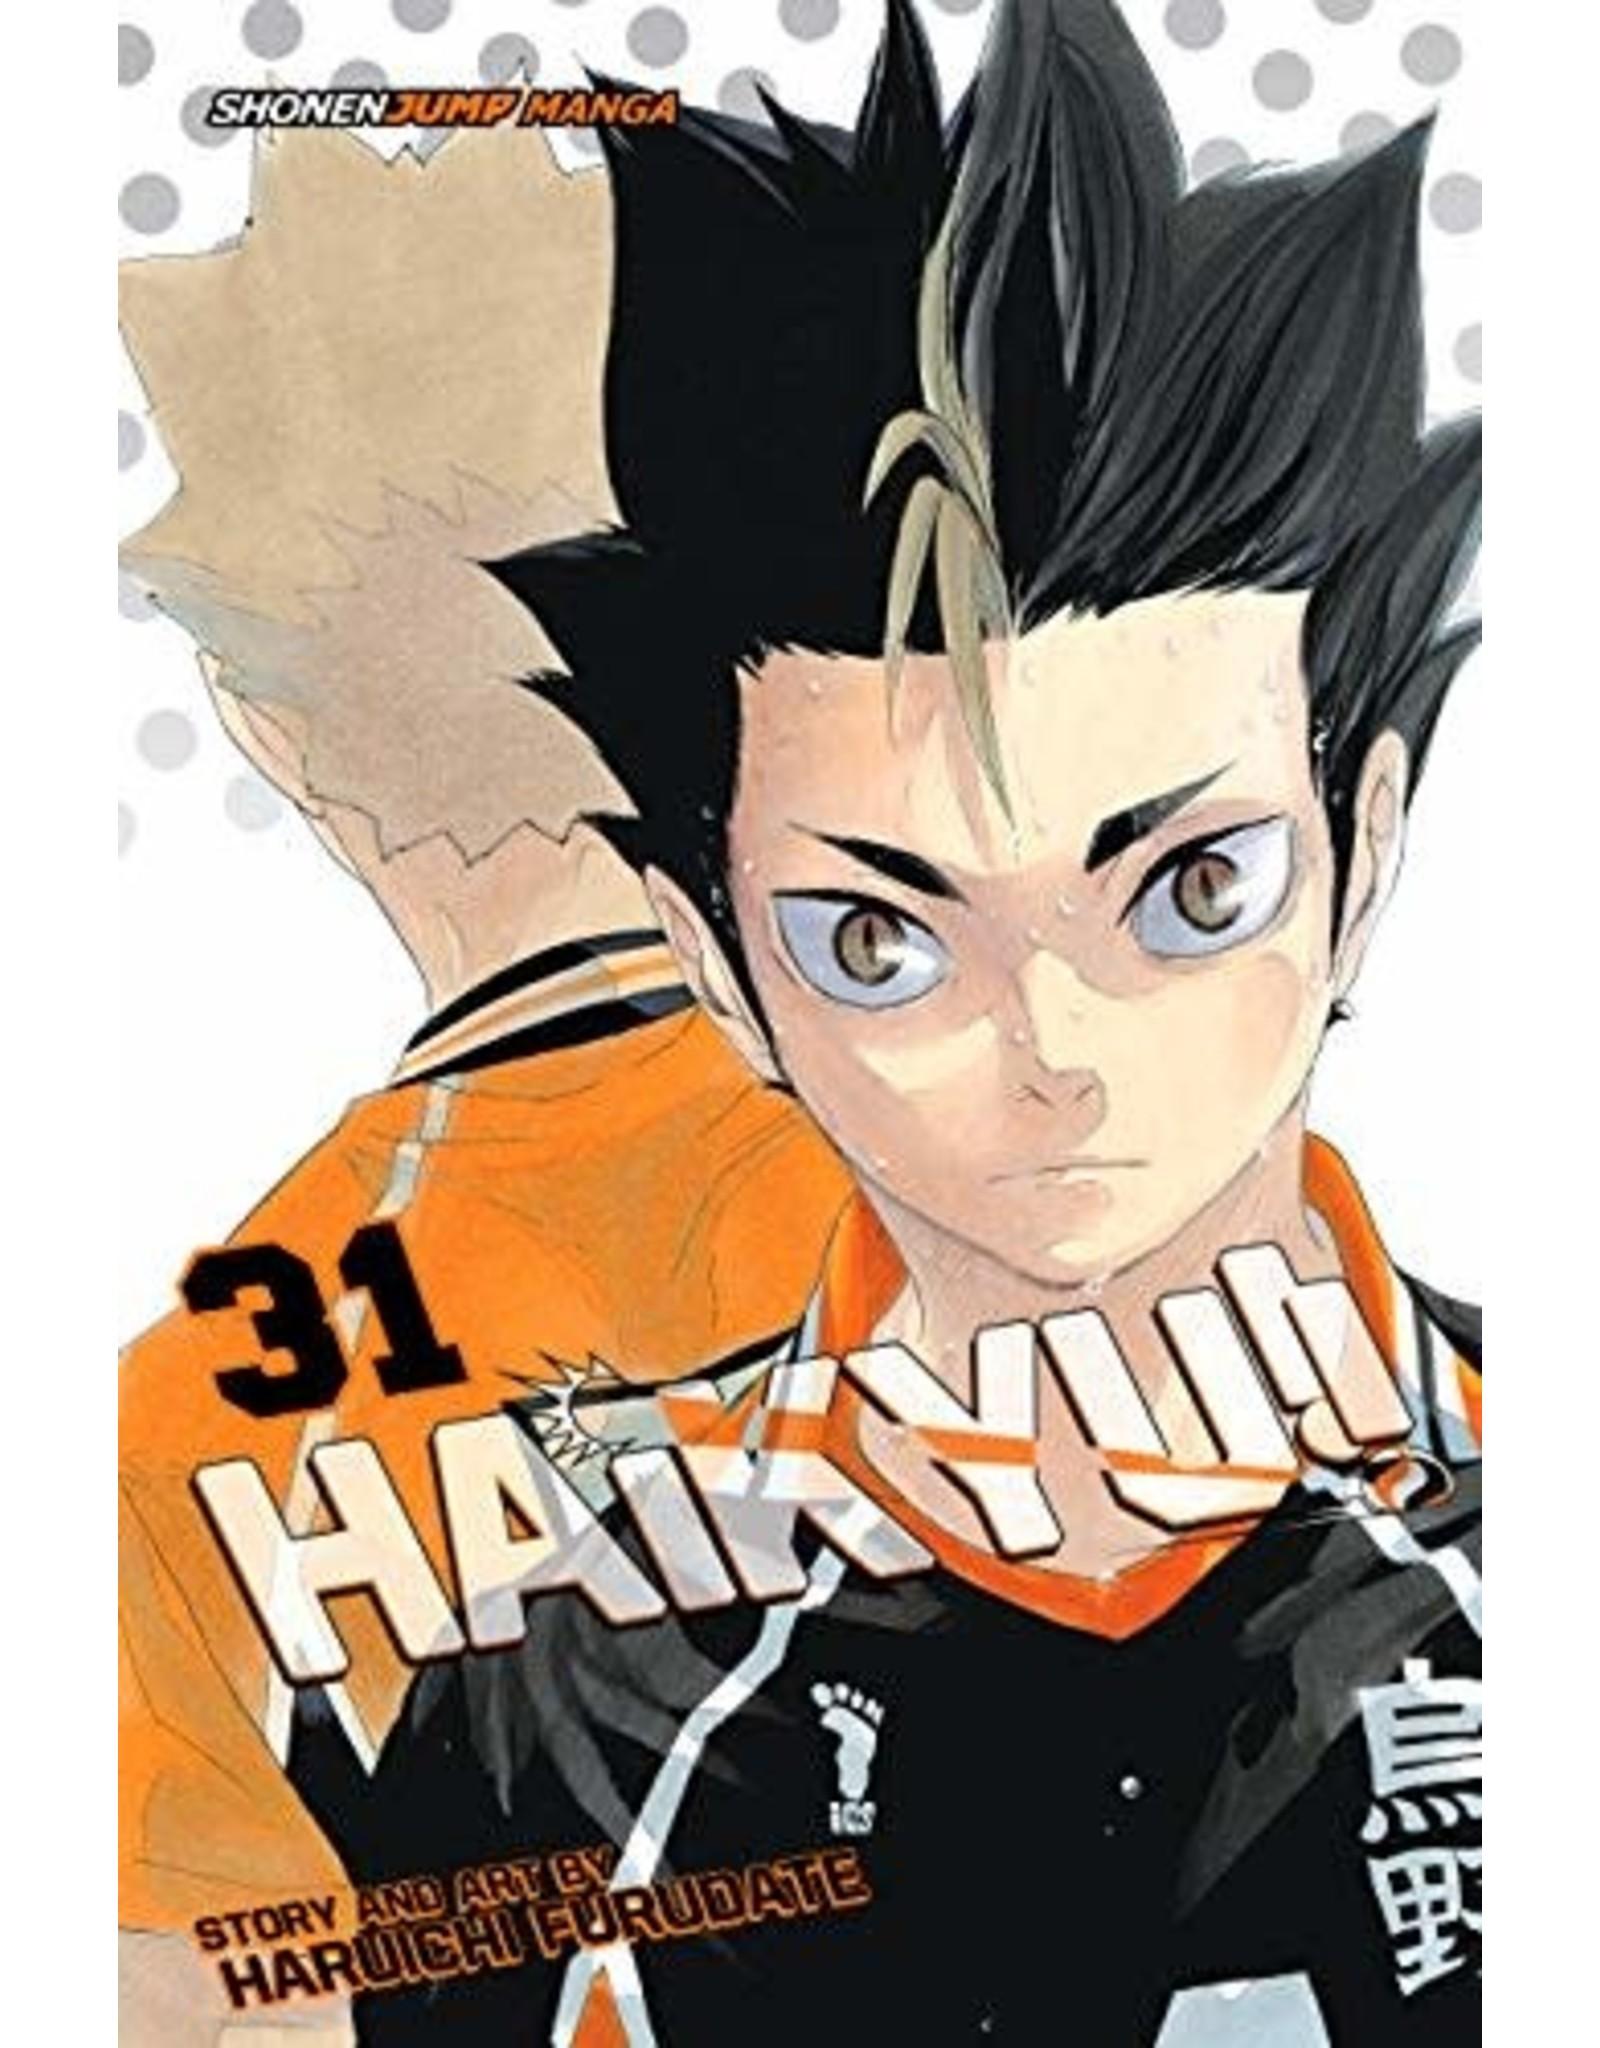 Haikyu!! 31 (English)